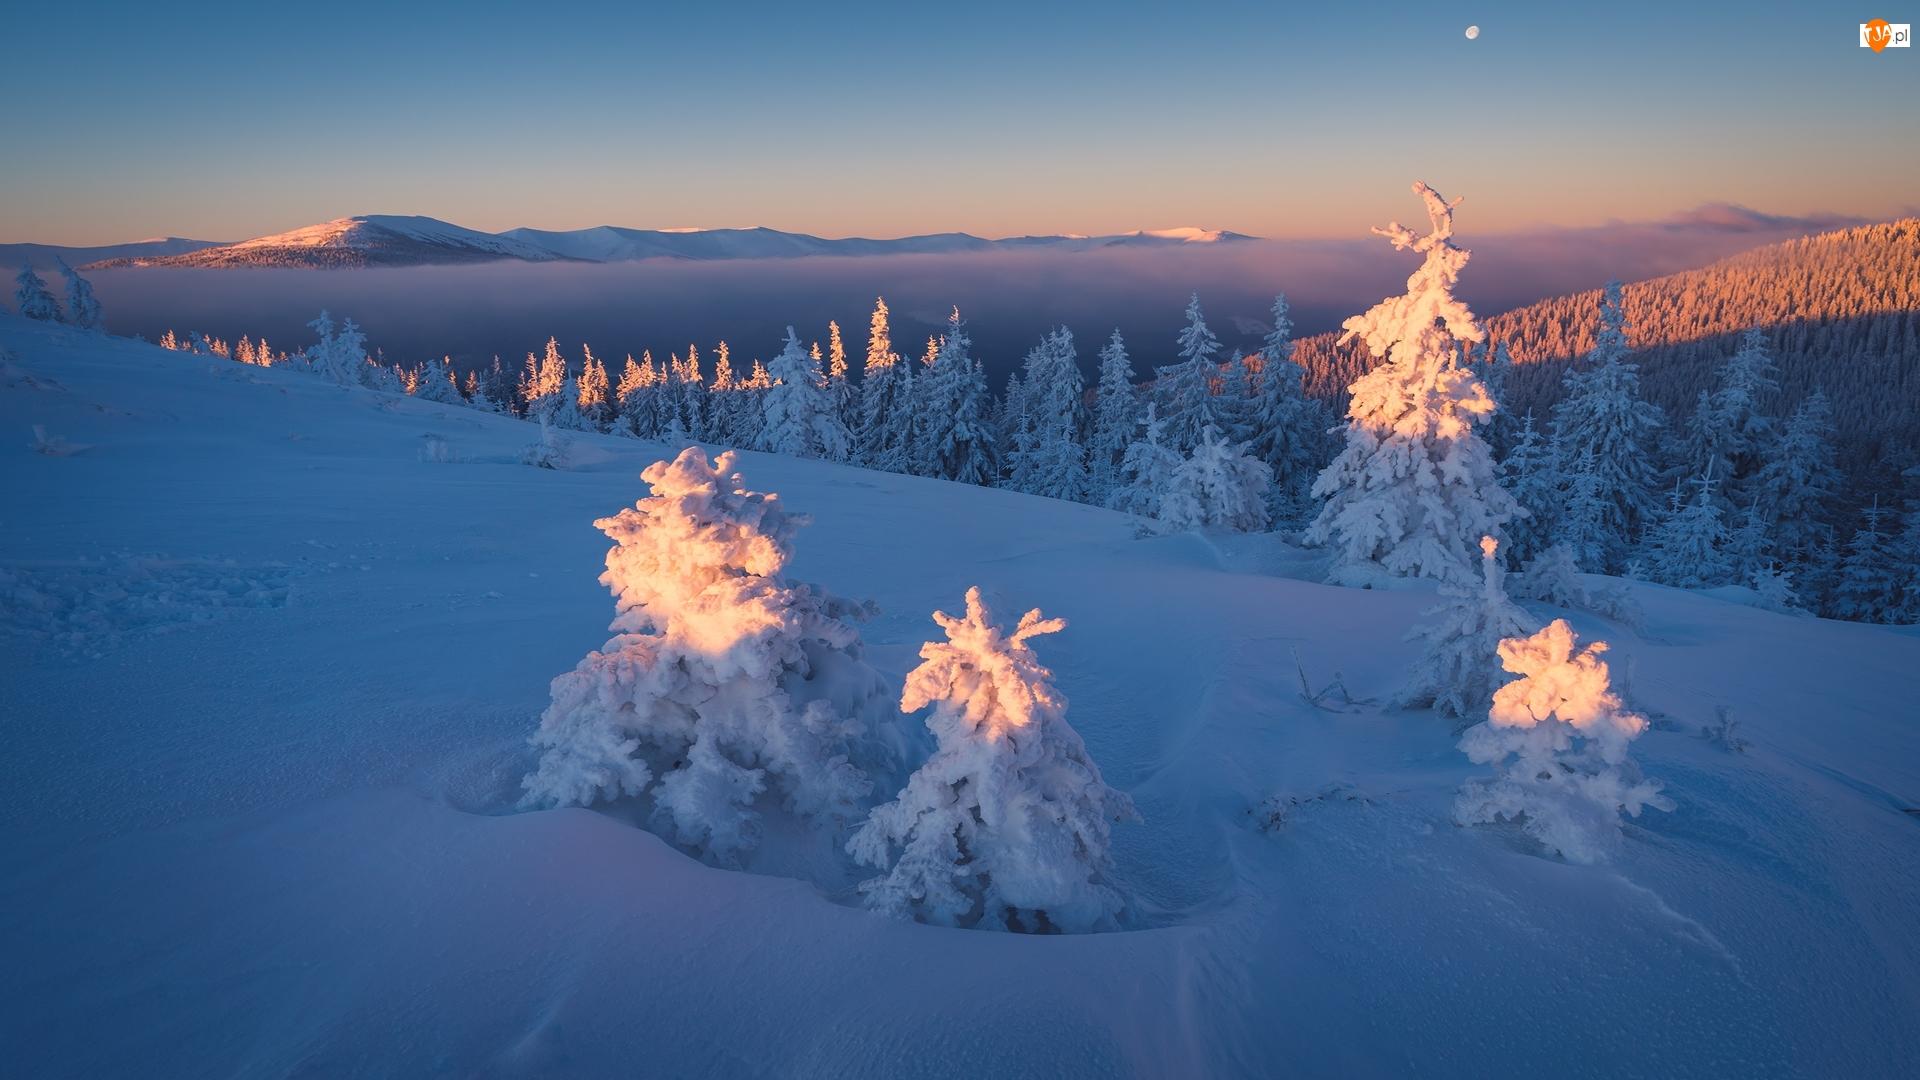 Góry Karpaty, Zima, Ośnieżone, Ukraina, Las, Świerki